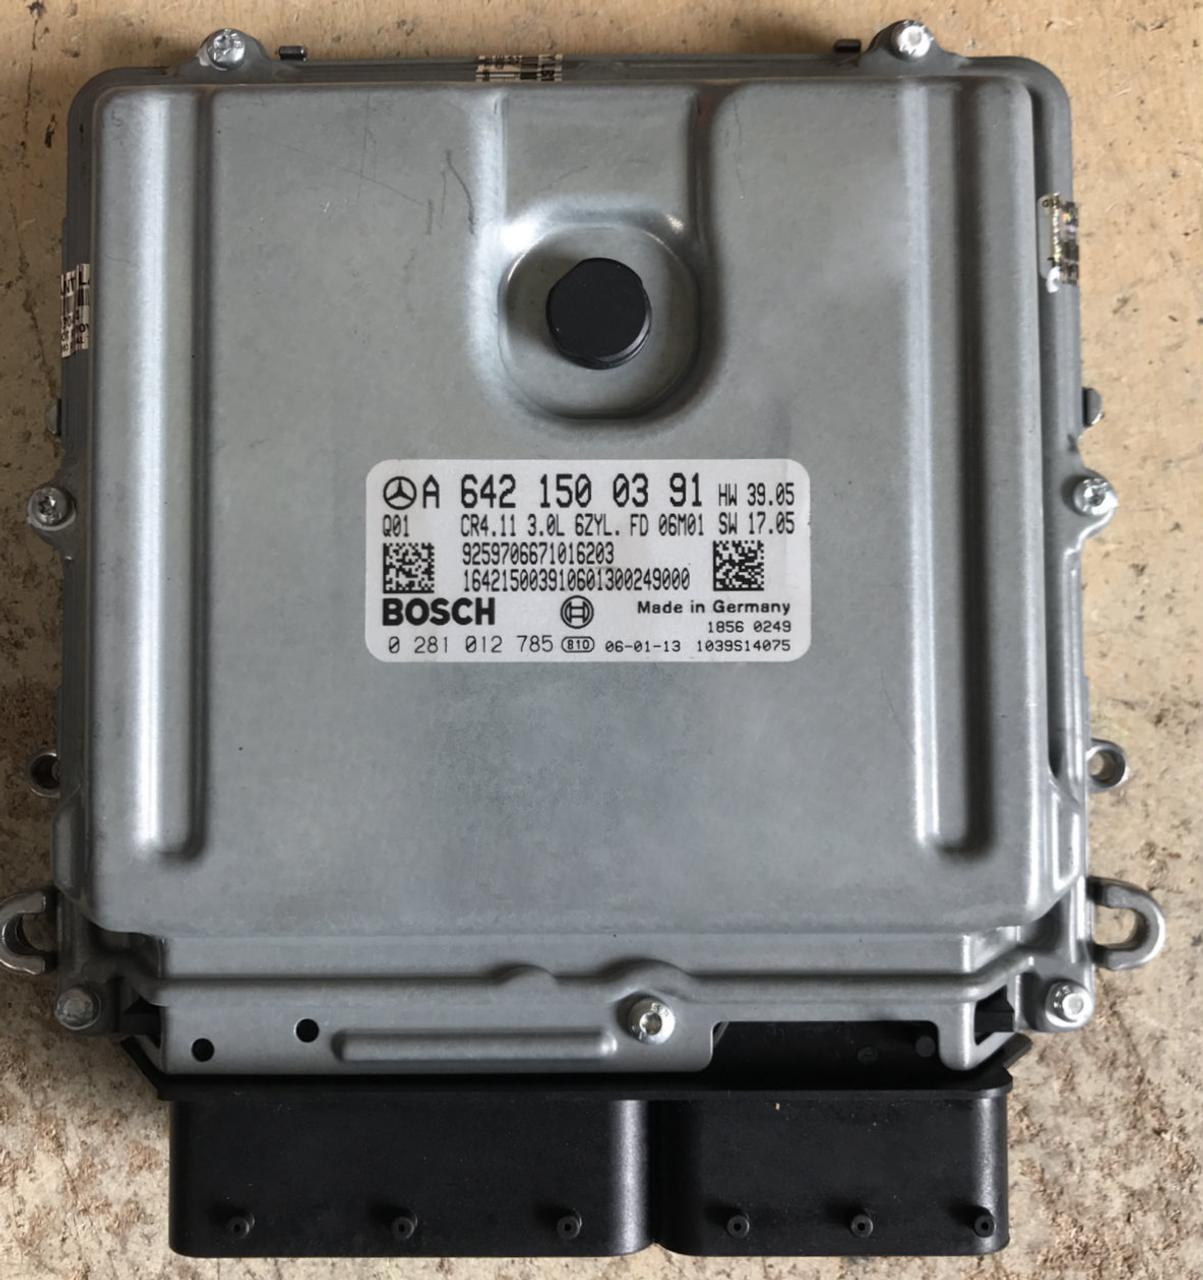 Plug Play Bosch Engine Ecu Mercedes Benz 0281012785 0 281 012 Product 785 A6421500391 A 642 150